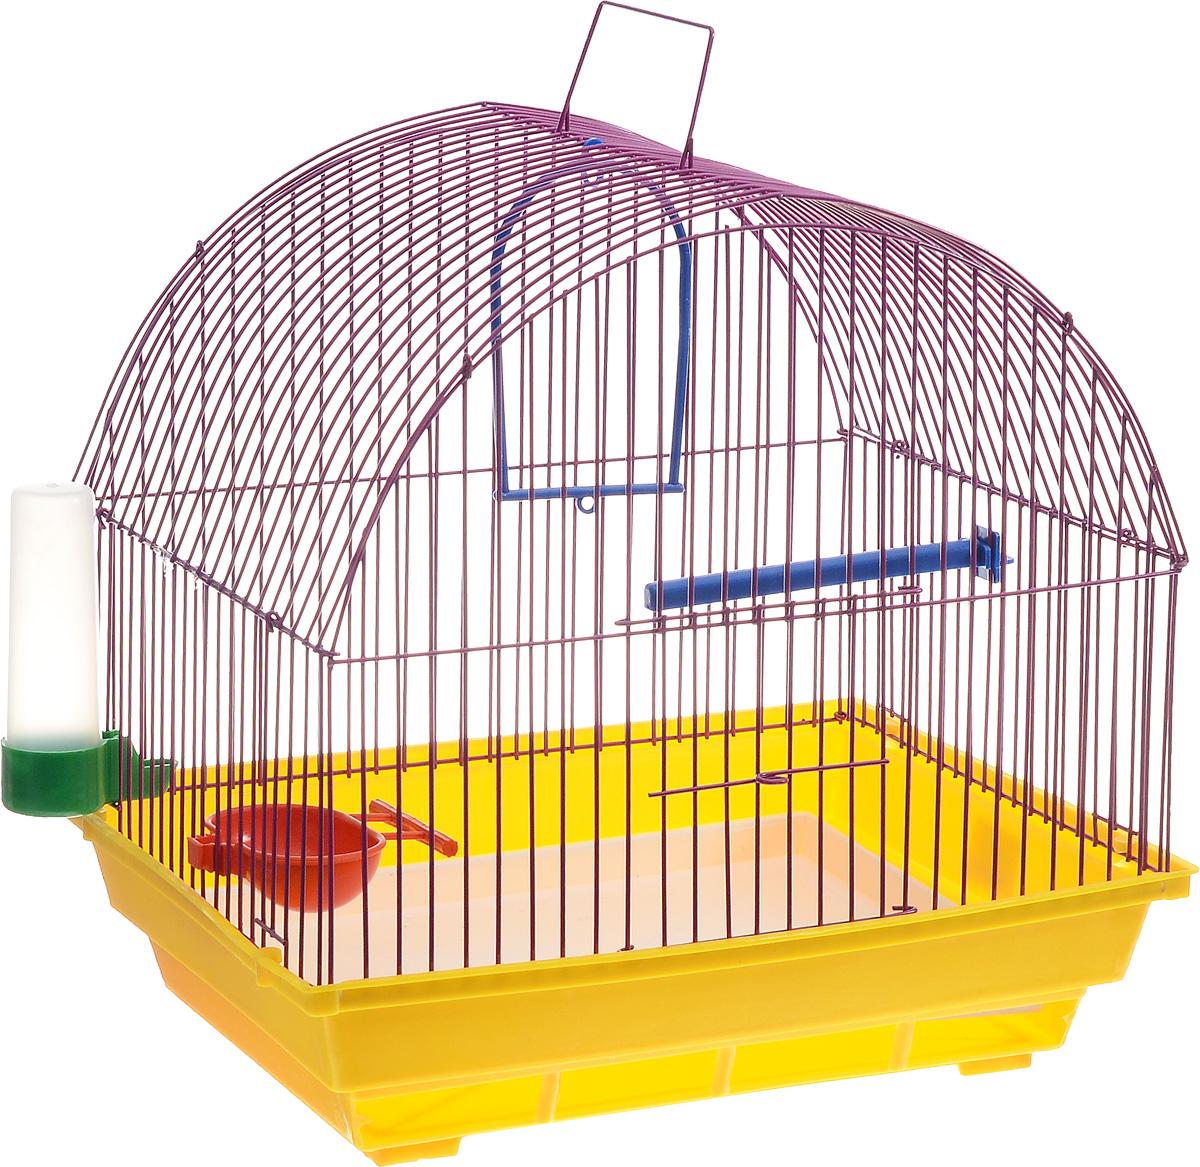 Клетка для птиц ЗооМарк, цвет: желтый поддон, фиолетовая решетка, 35 х 28 х 34 см0120710Клетка ЗооМарк, выполненная из полипропилена и металла с эмалированным покрытием, предназначена для мелких птиц.Изделие состоит из большого поддона и решетки. Клетка снабжена металлической дверцей. В основании клетки находится малый поддон. Клетка удобна в использовании и легко чистится. Она оснащена жердочкой, кольцом для птицы, поилкой, кормушкой и подвижной ручкой для удобной переноски.